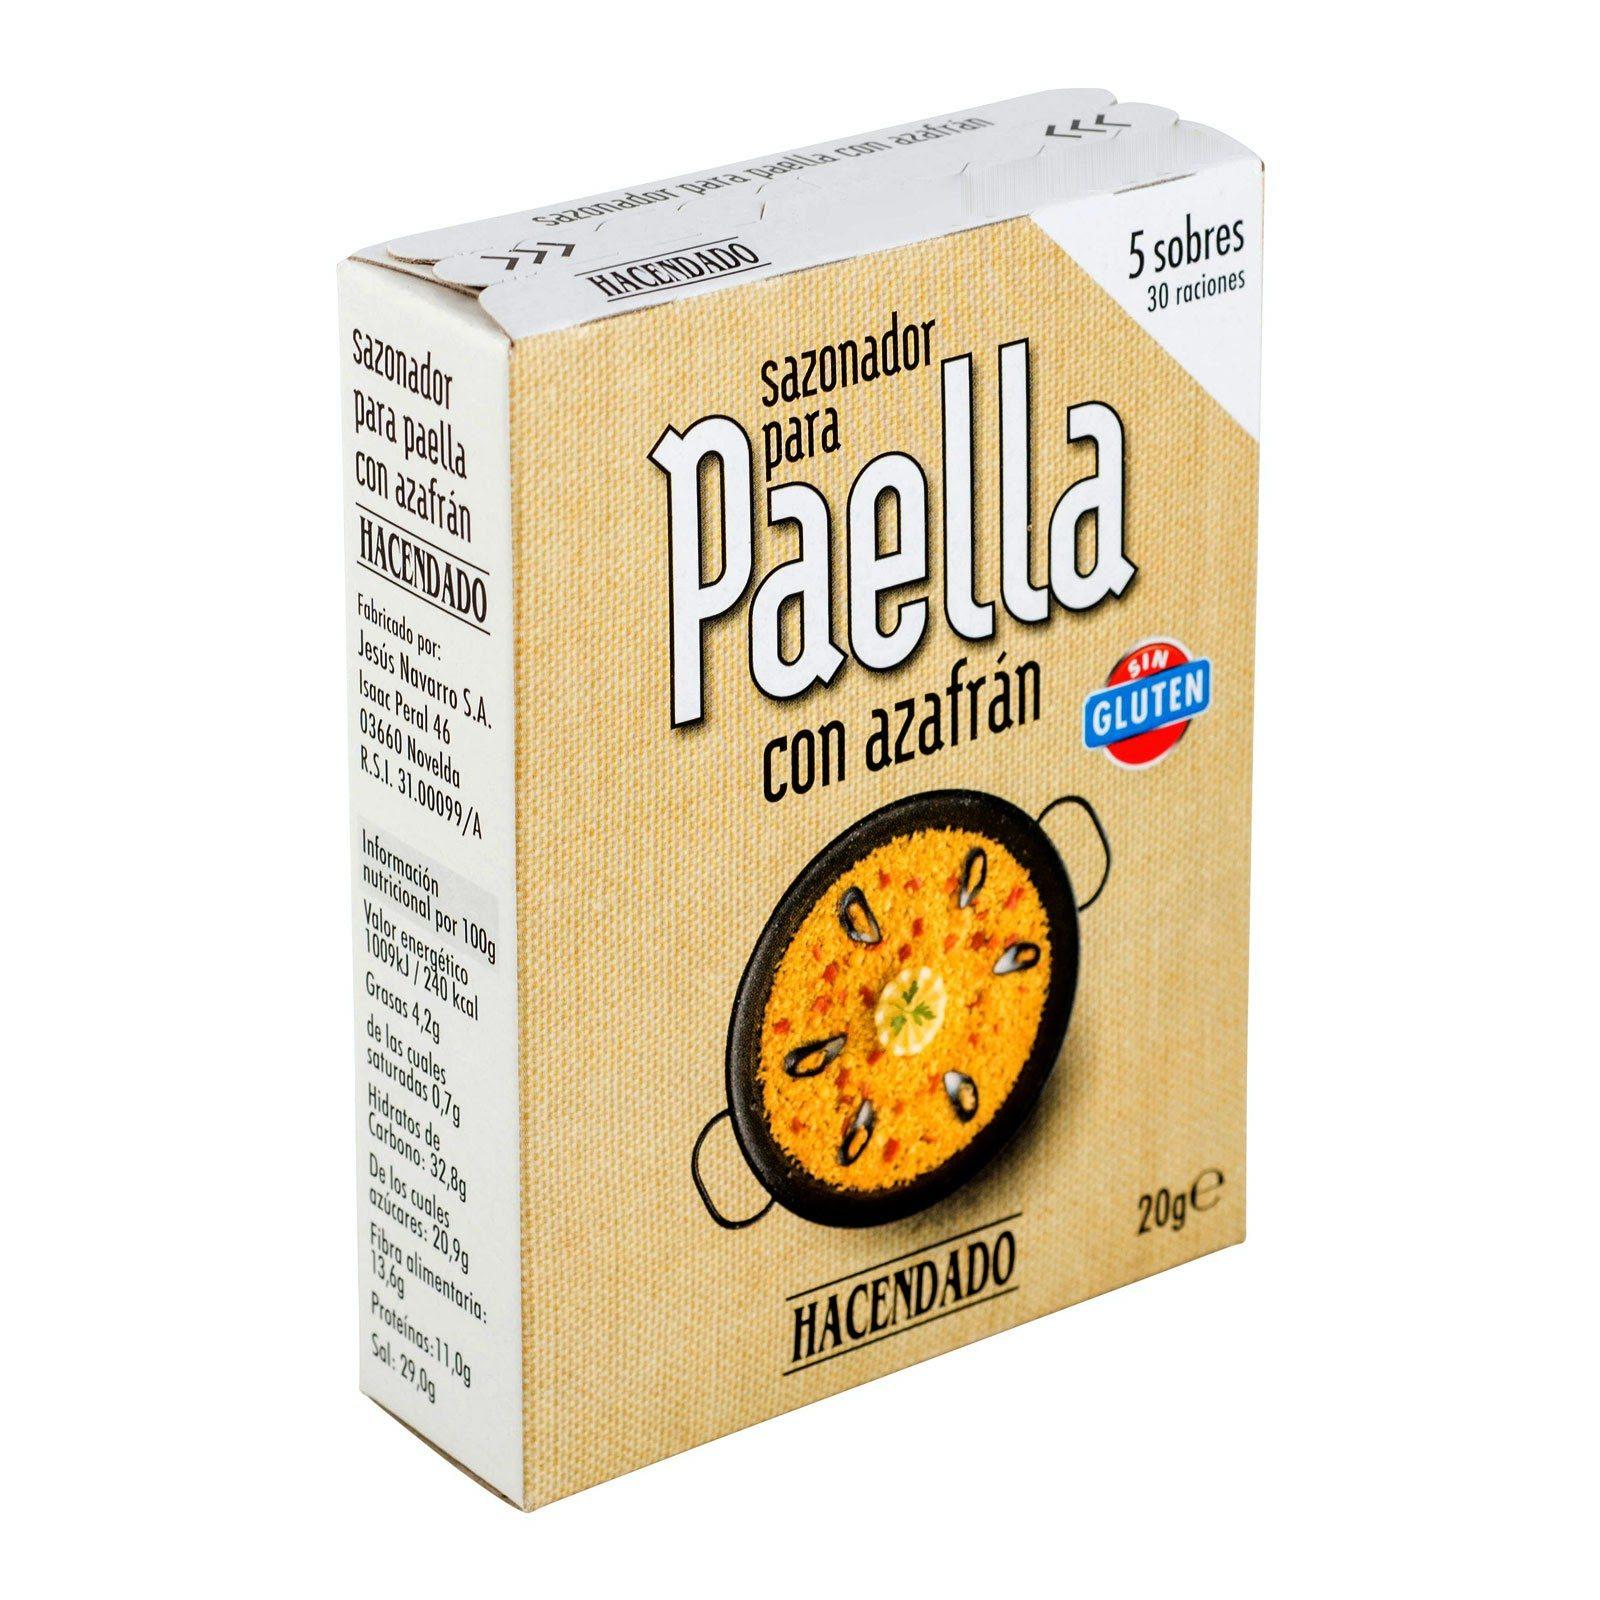 sazonador-para-paella-con-azafran-hacendado-mercadona-1-1903561